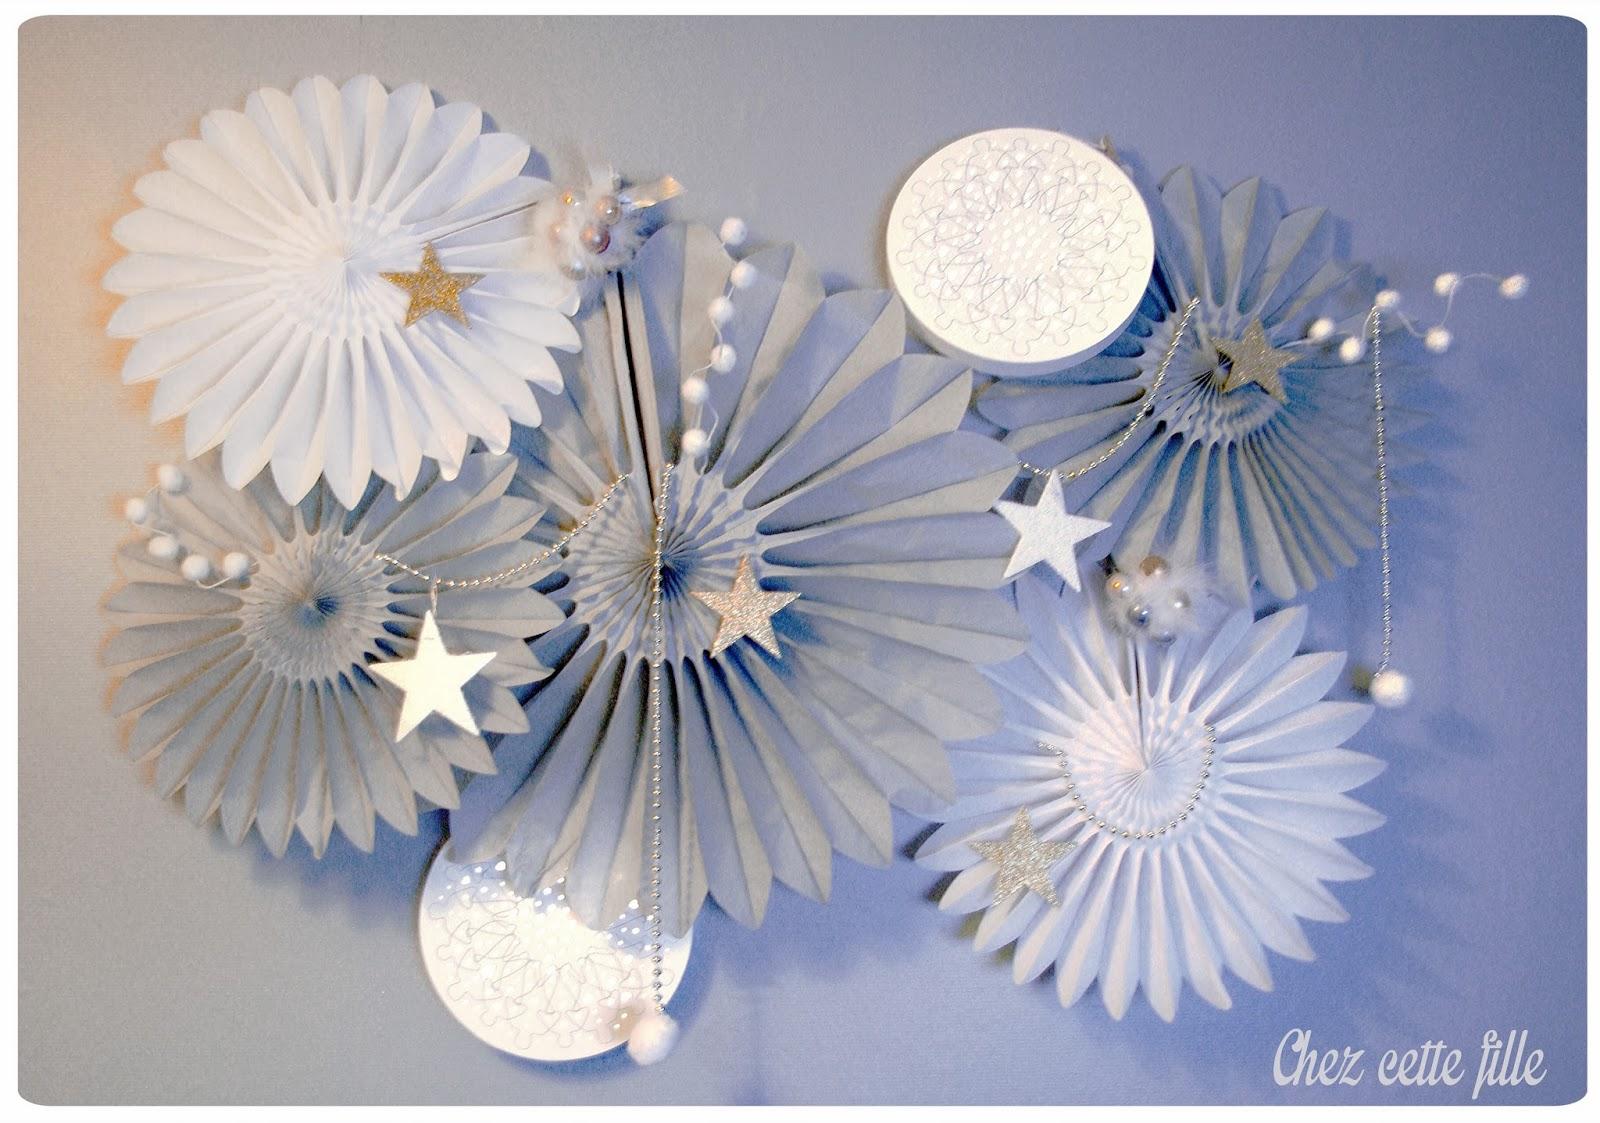 Habiller ses murs pour les f tes un nuage de d corations - Quand mettre les decorations de noel ...